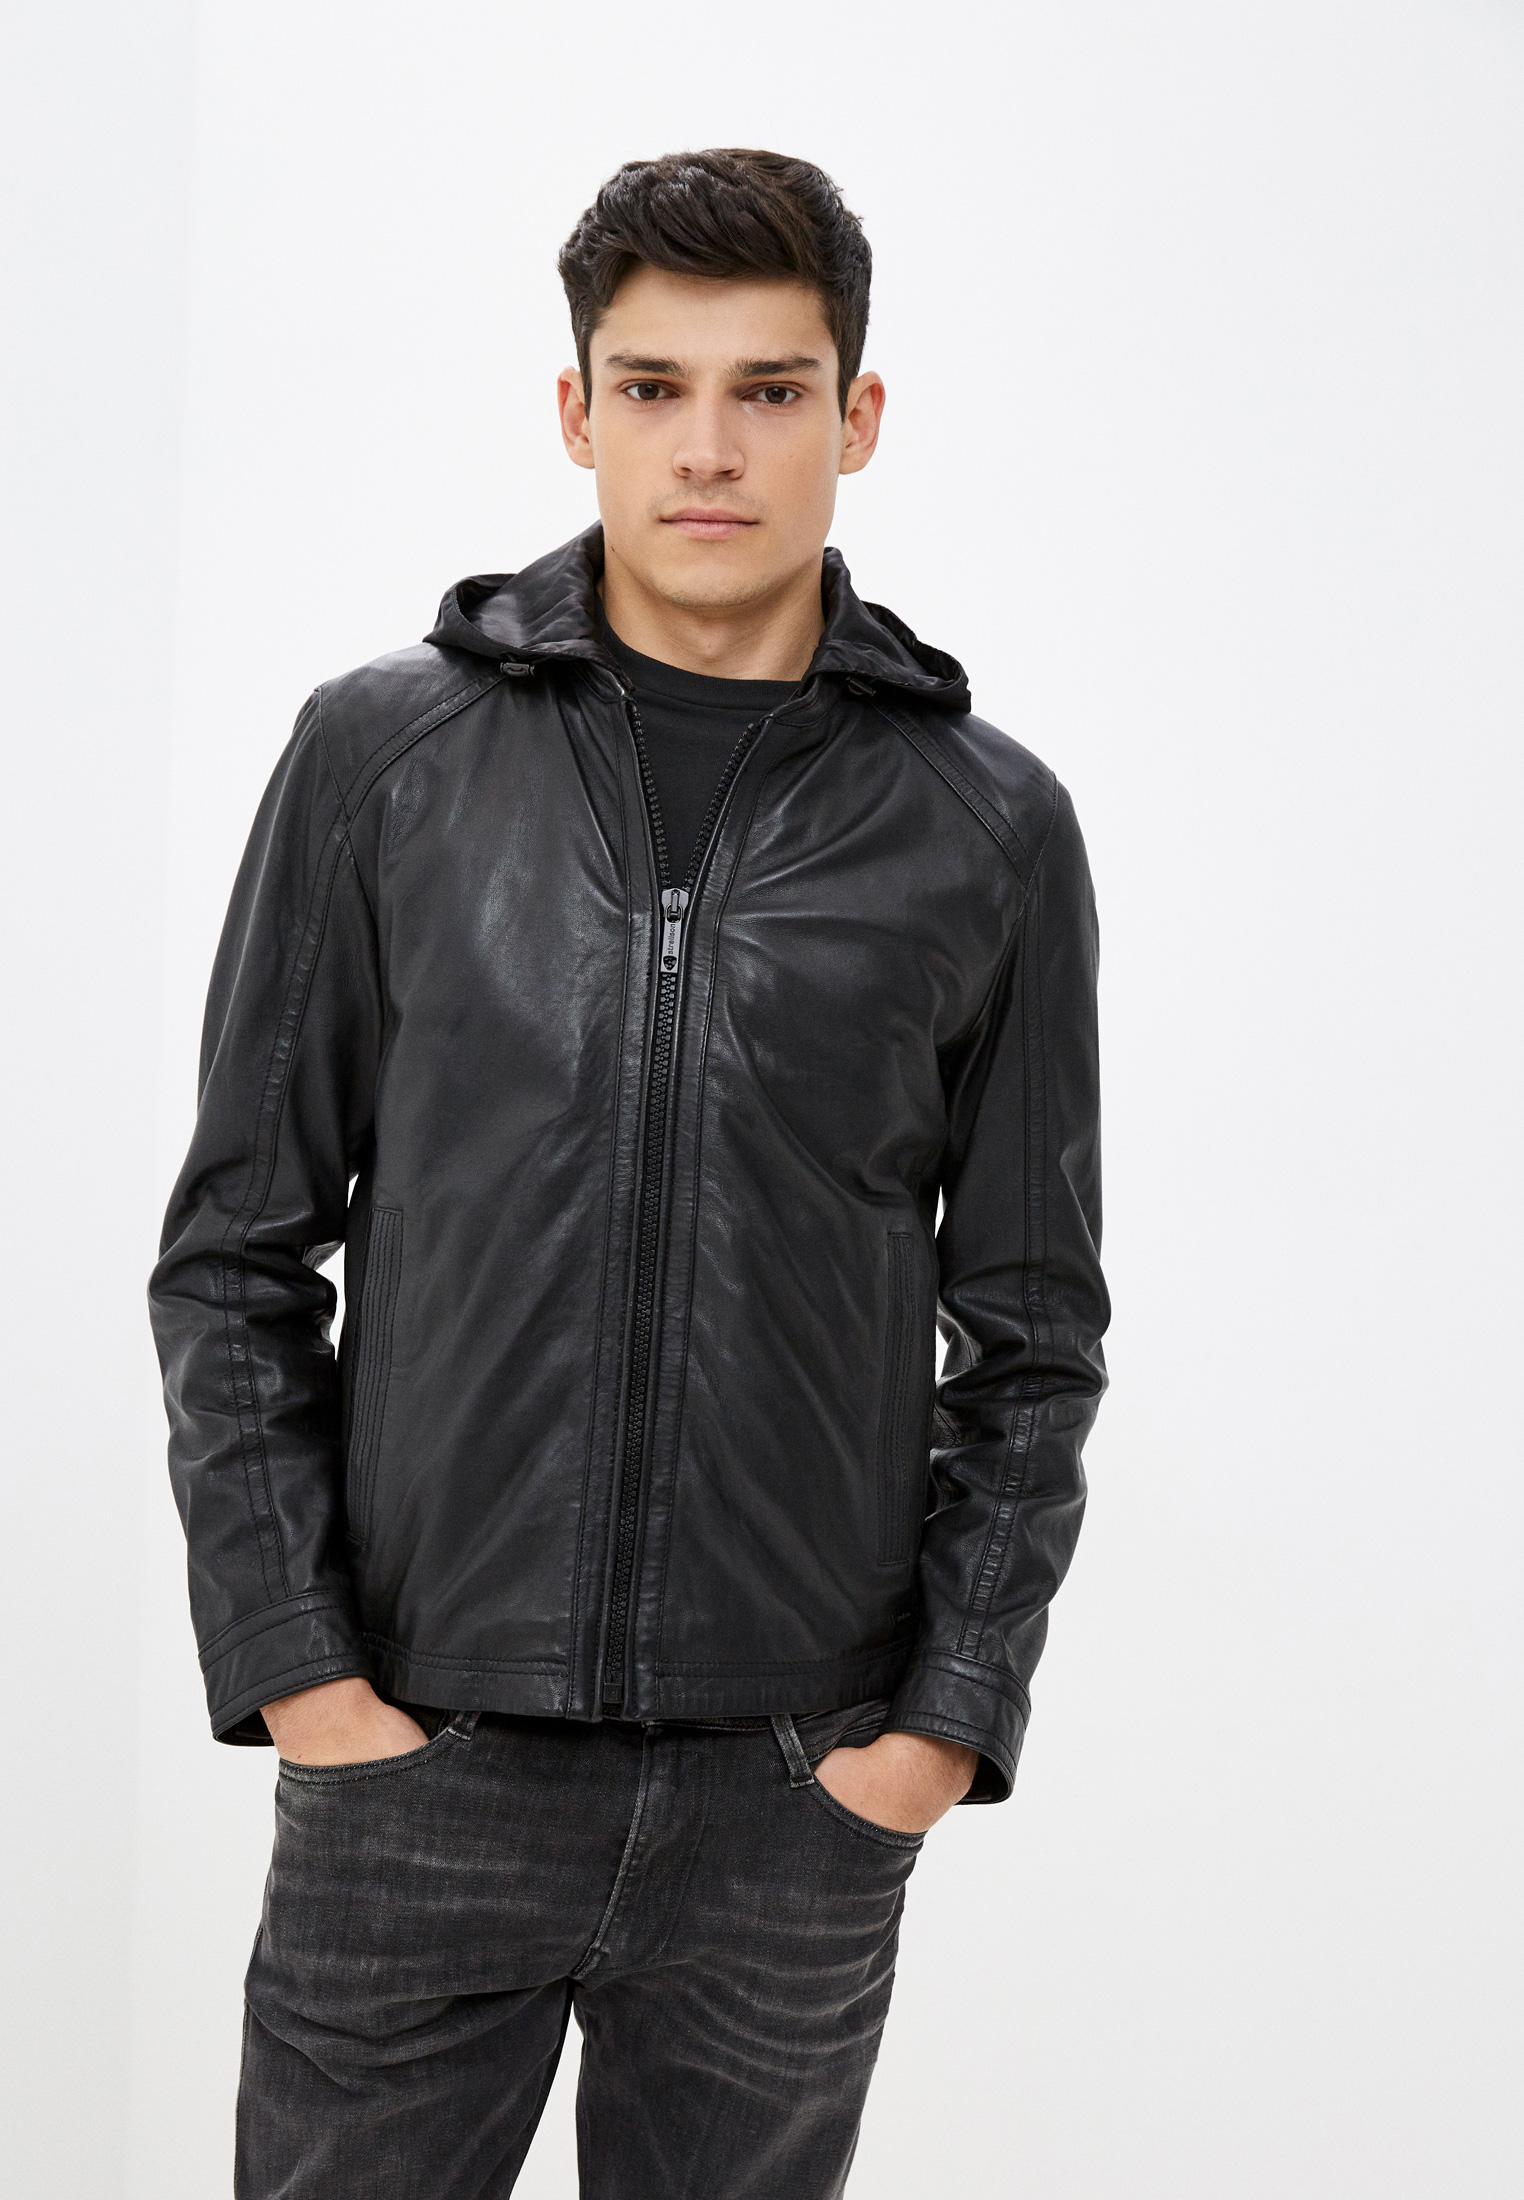 Кожаная куртка Strellson Куртка кожаная Strellson